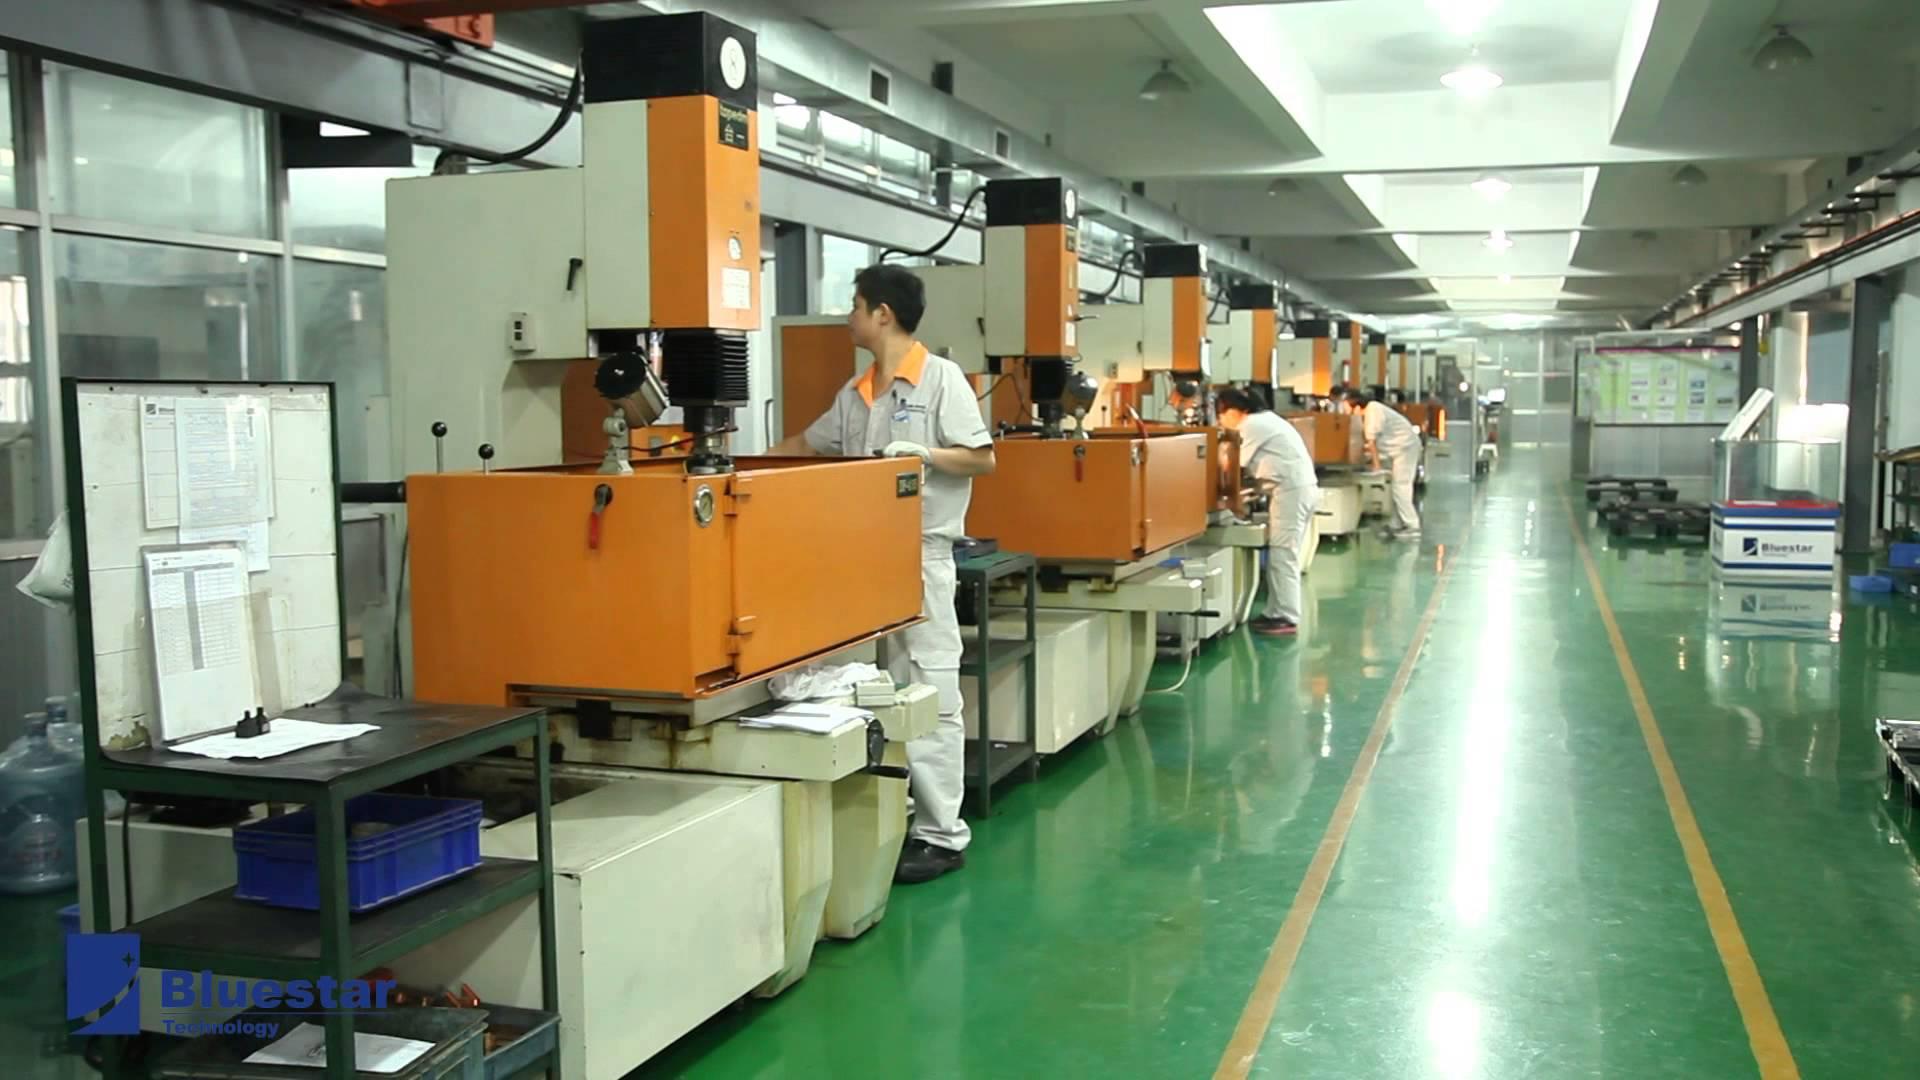 Tuyển 20 thực tập sinh (nam, nữ) đơn hàng làm nhựa thu nhập cao tại Nhật Bản